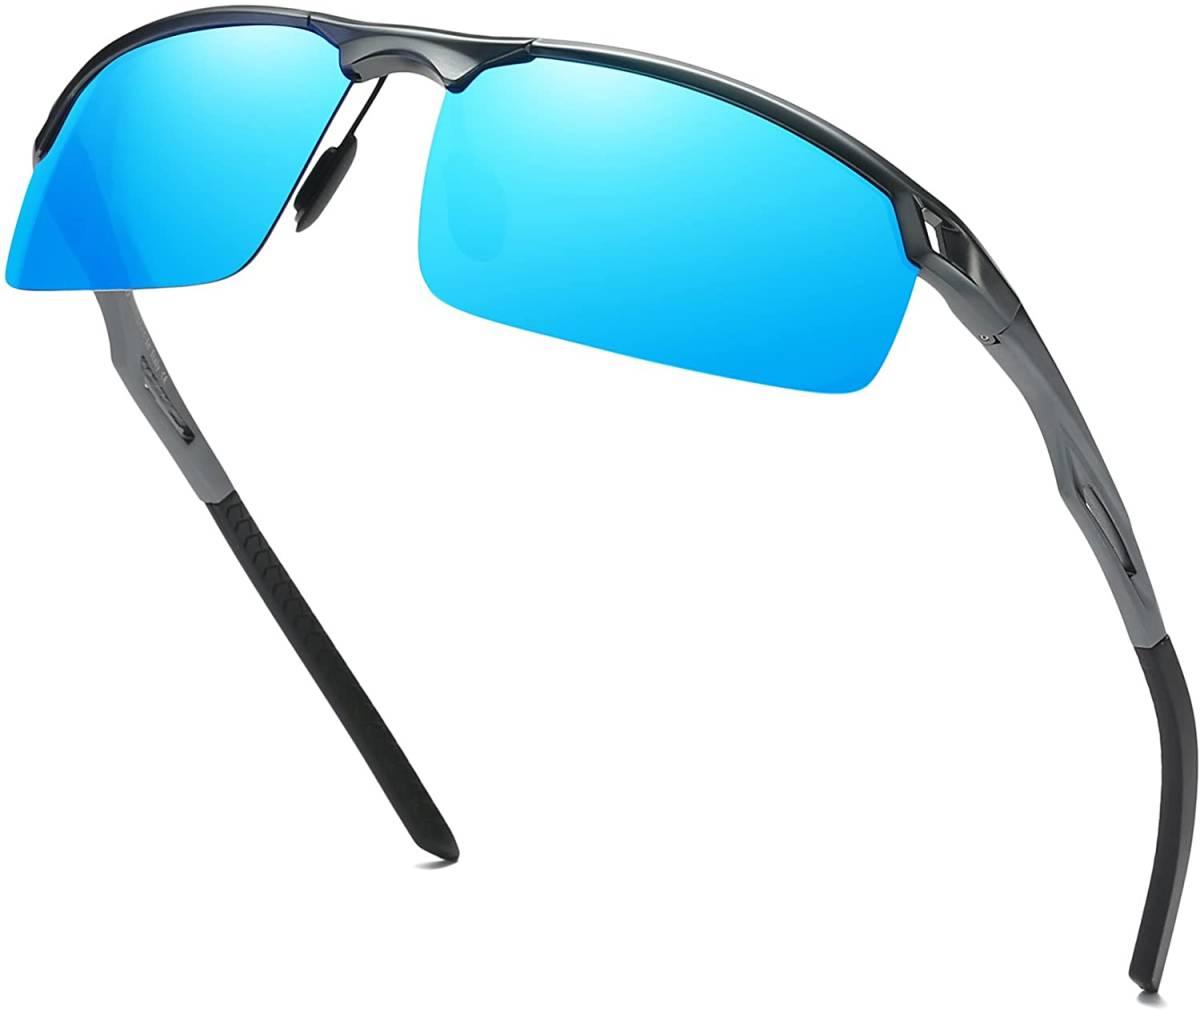 【送料無料】DUCO 偏光サングラス UV400保護 AL-MG合金 超軽量 運転用 ランニング スポーツ 8550 砲金フレーム ブルー レンズ 青